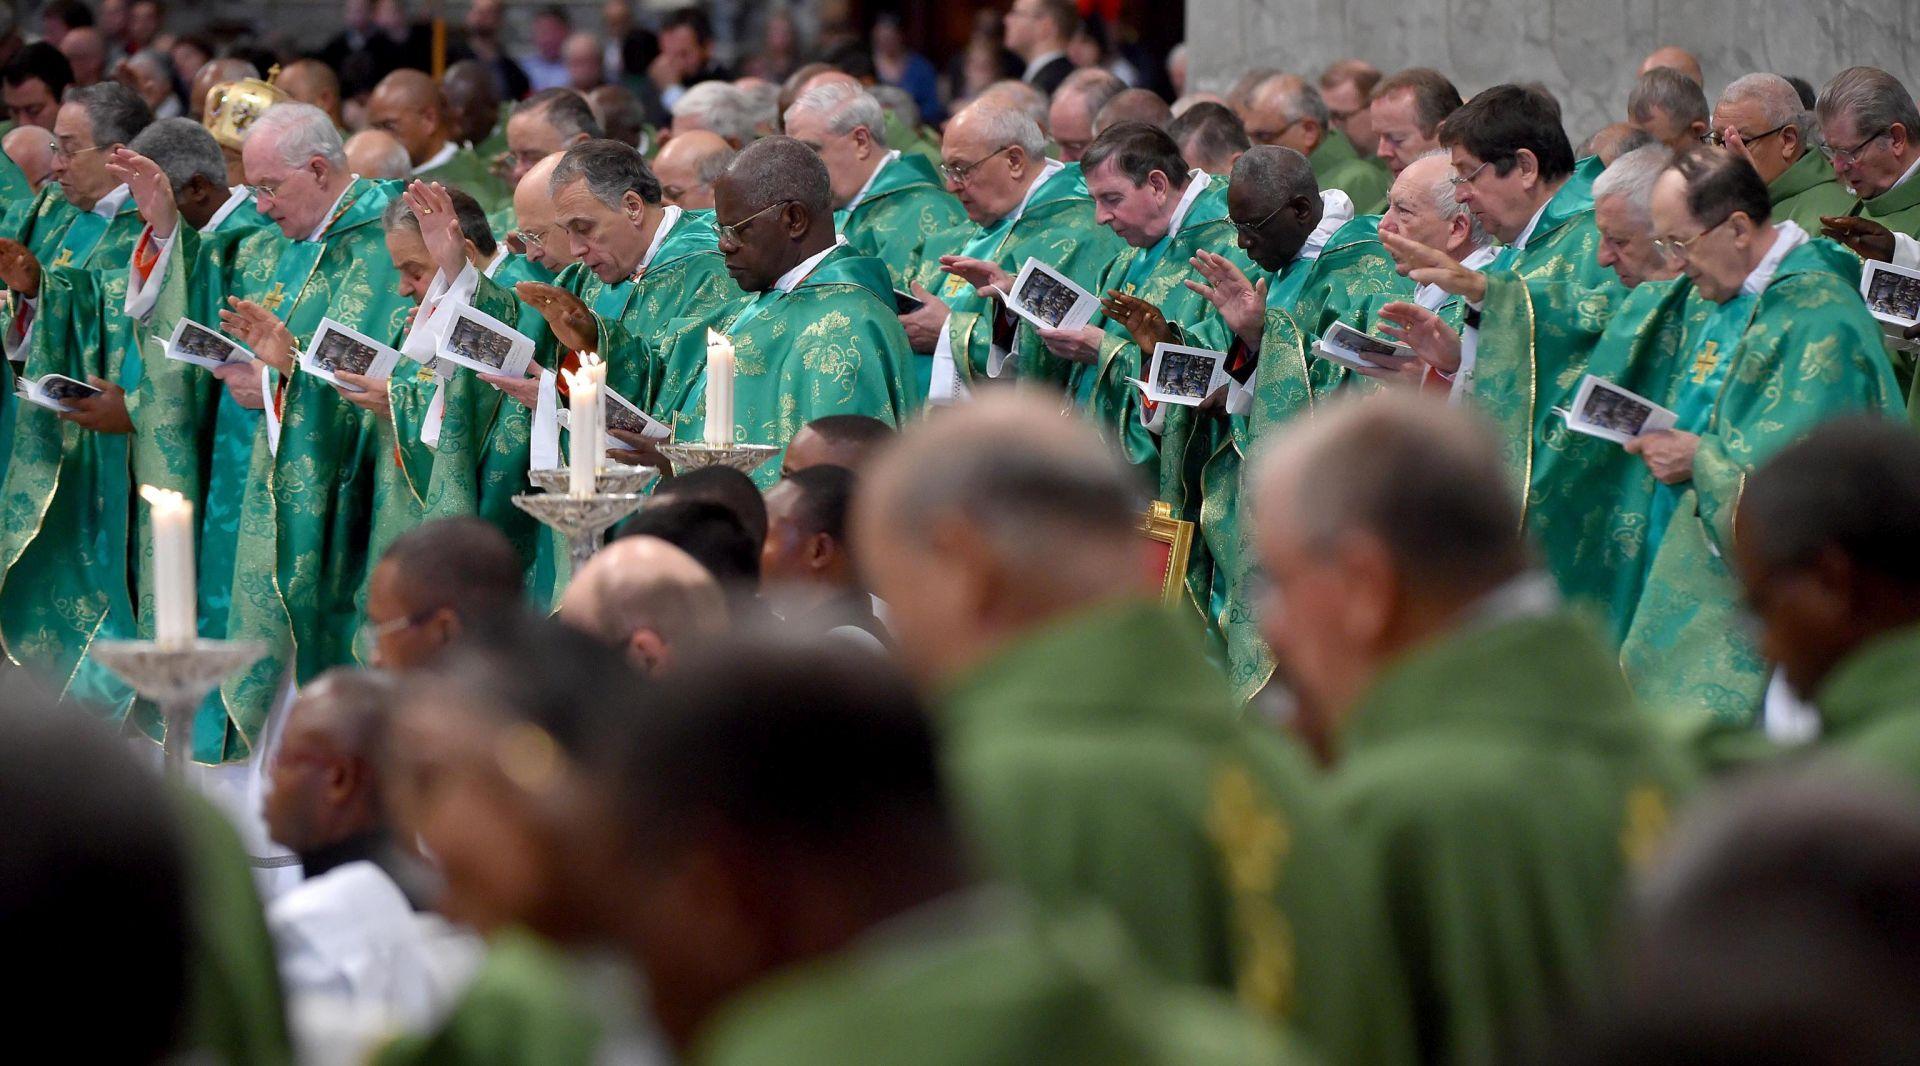 """Crkva je """"otvorila vrata"""", ocjenjuje udruga katolika homoseksualaca"""